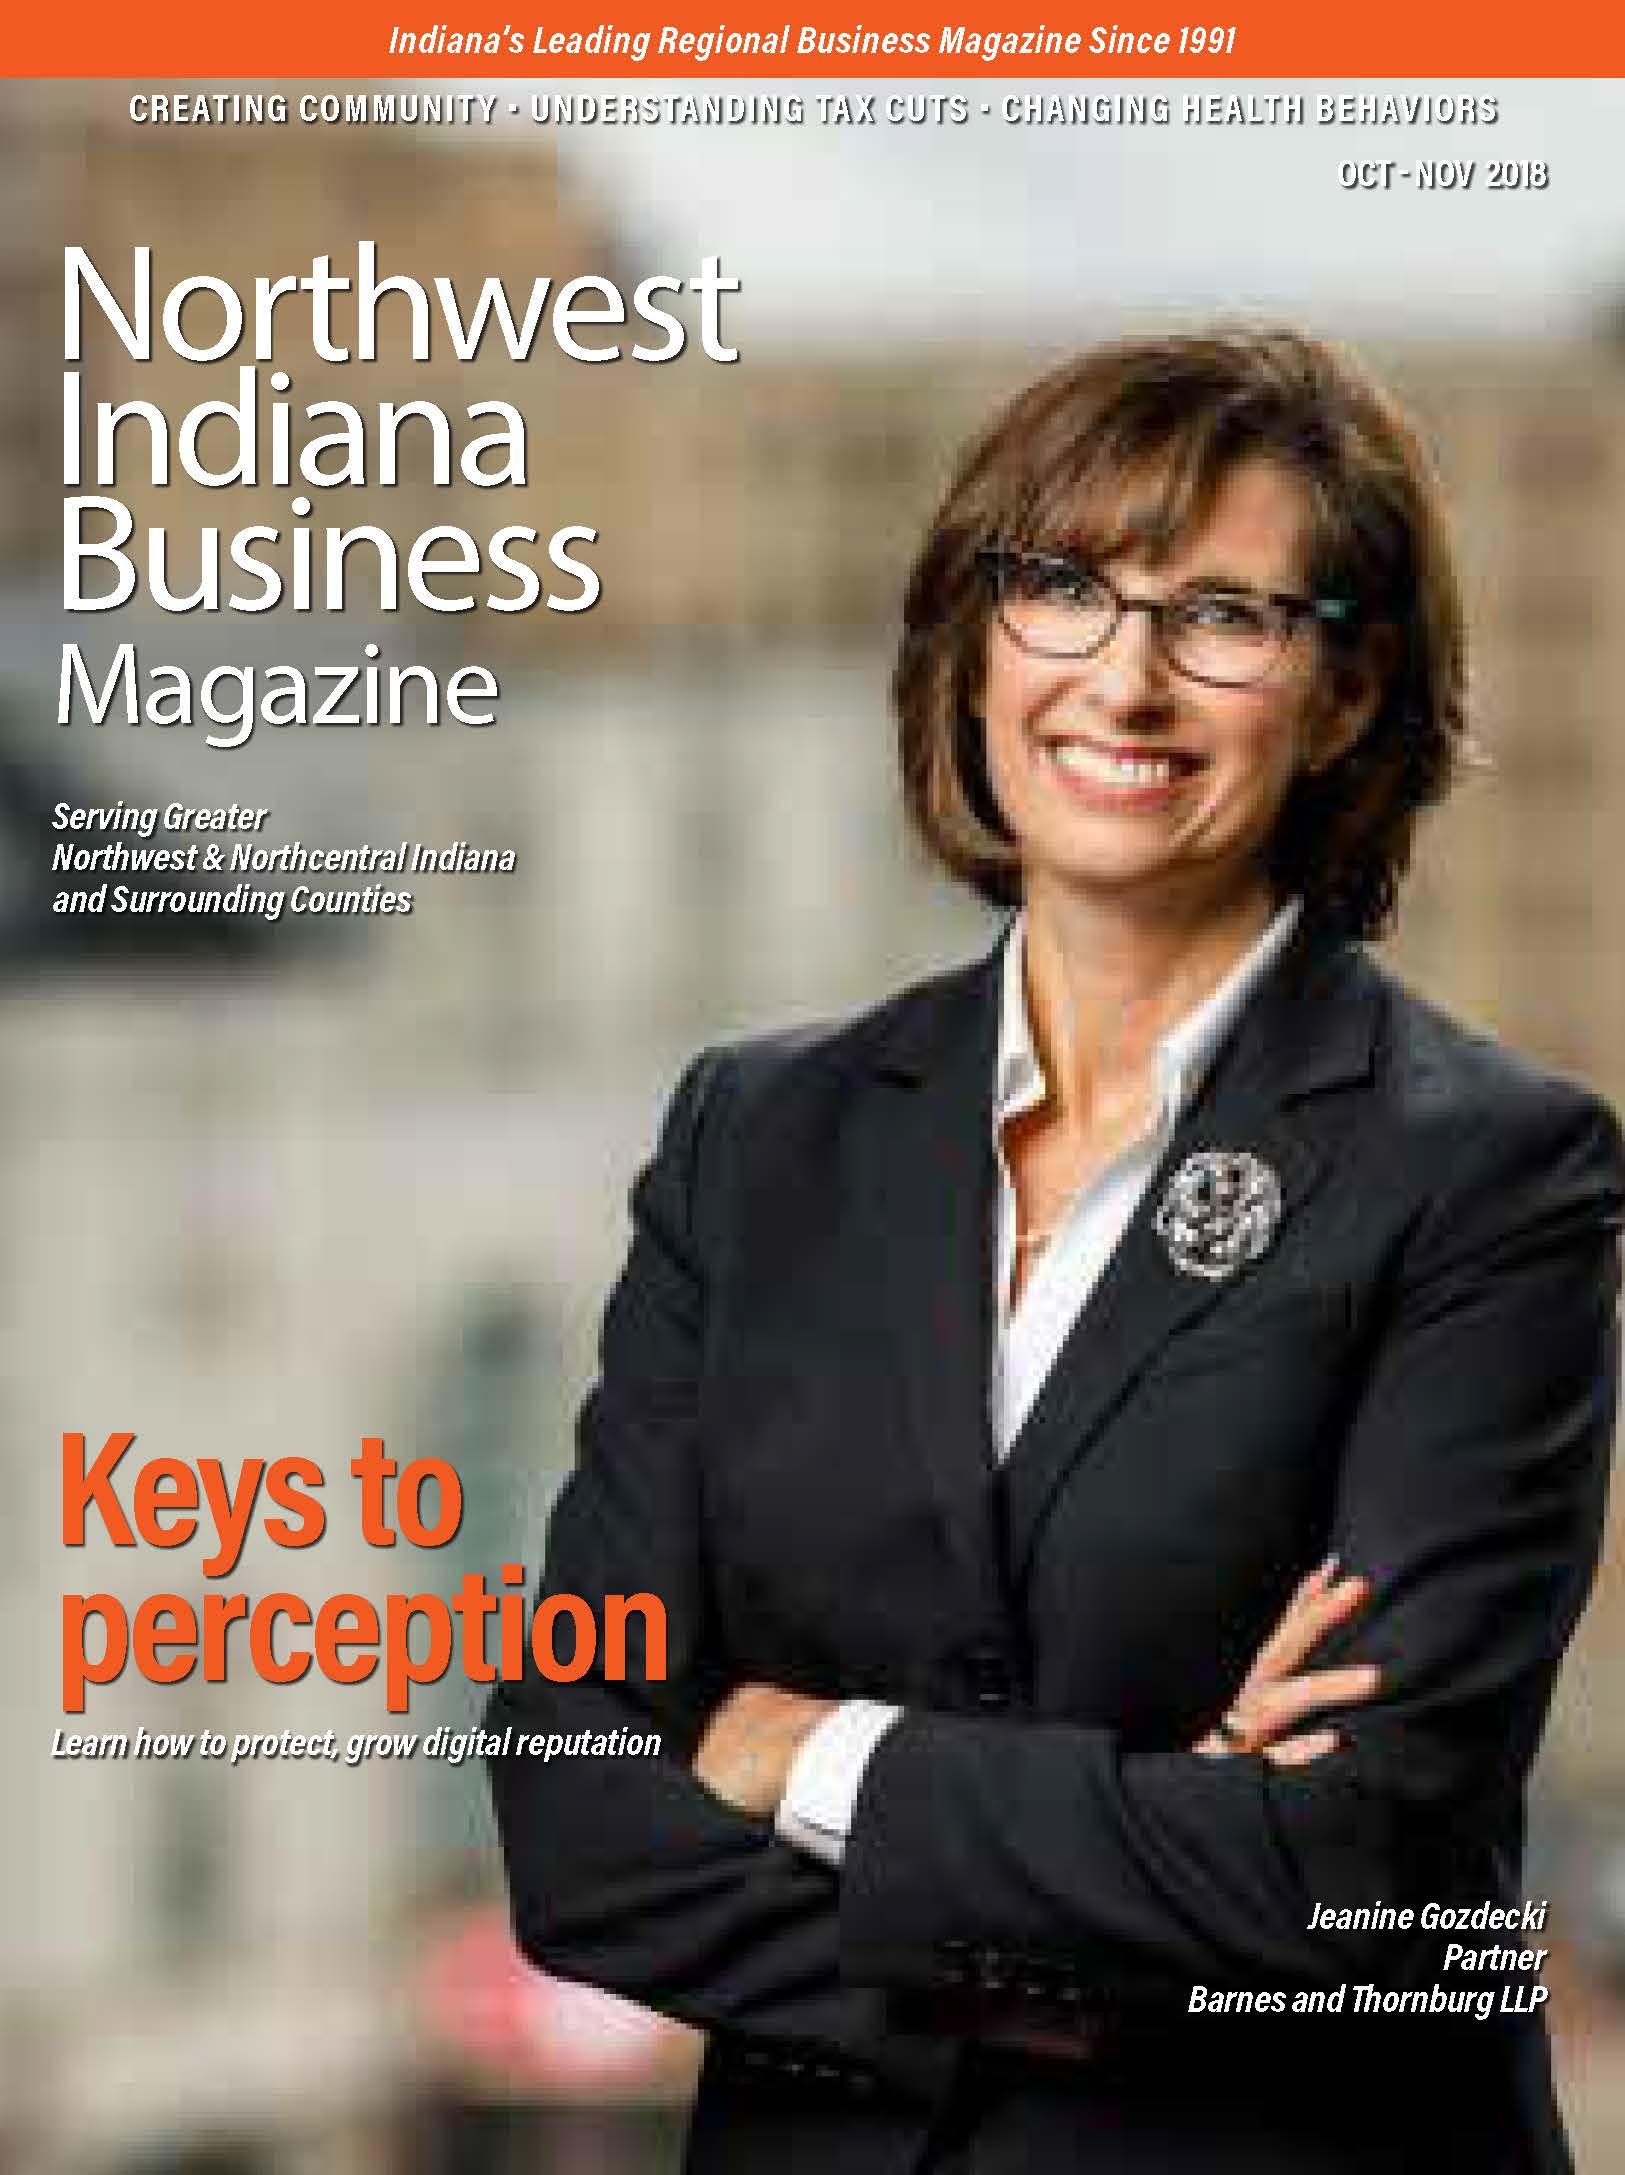 Northwest Indiana Business Magazine - Oct-Nov 2018 issue